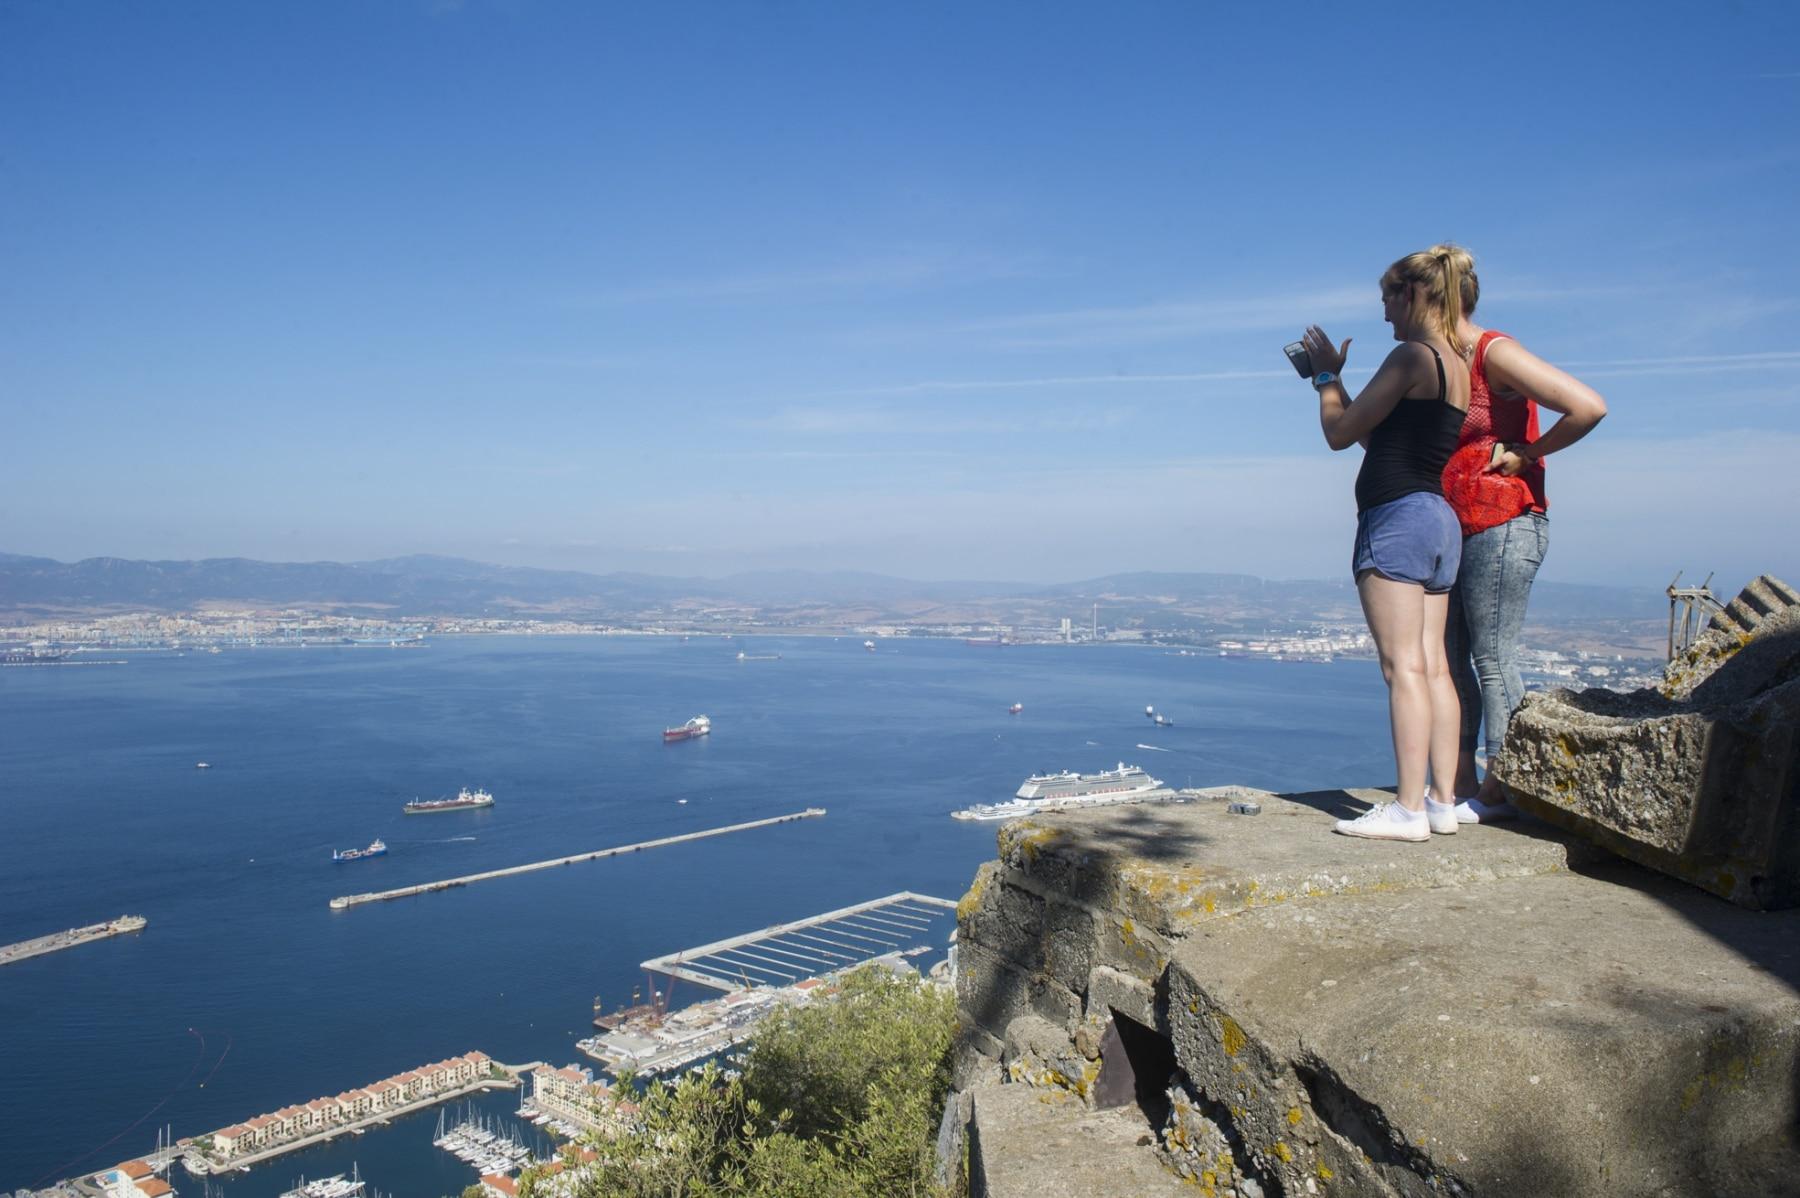 turismo-en-la-parte-alta-del-pen_22551267020_o